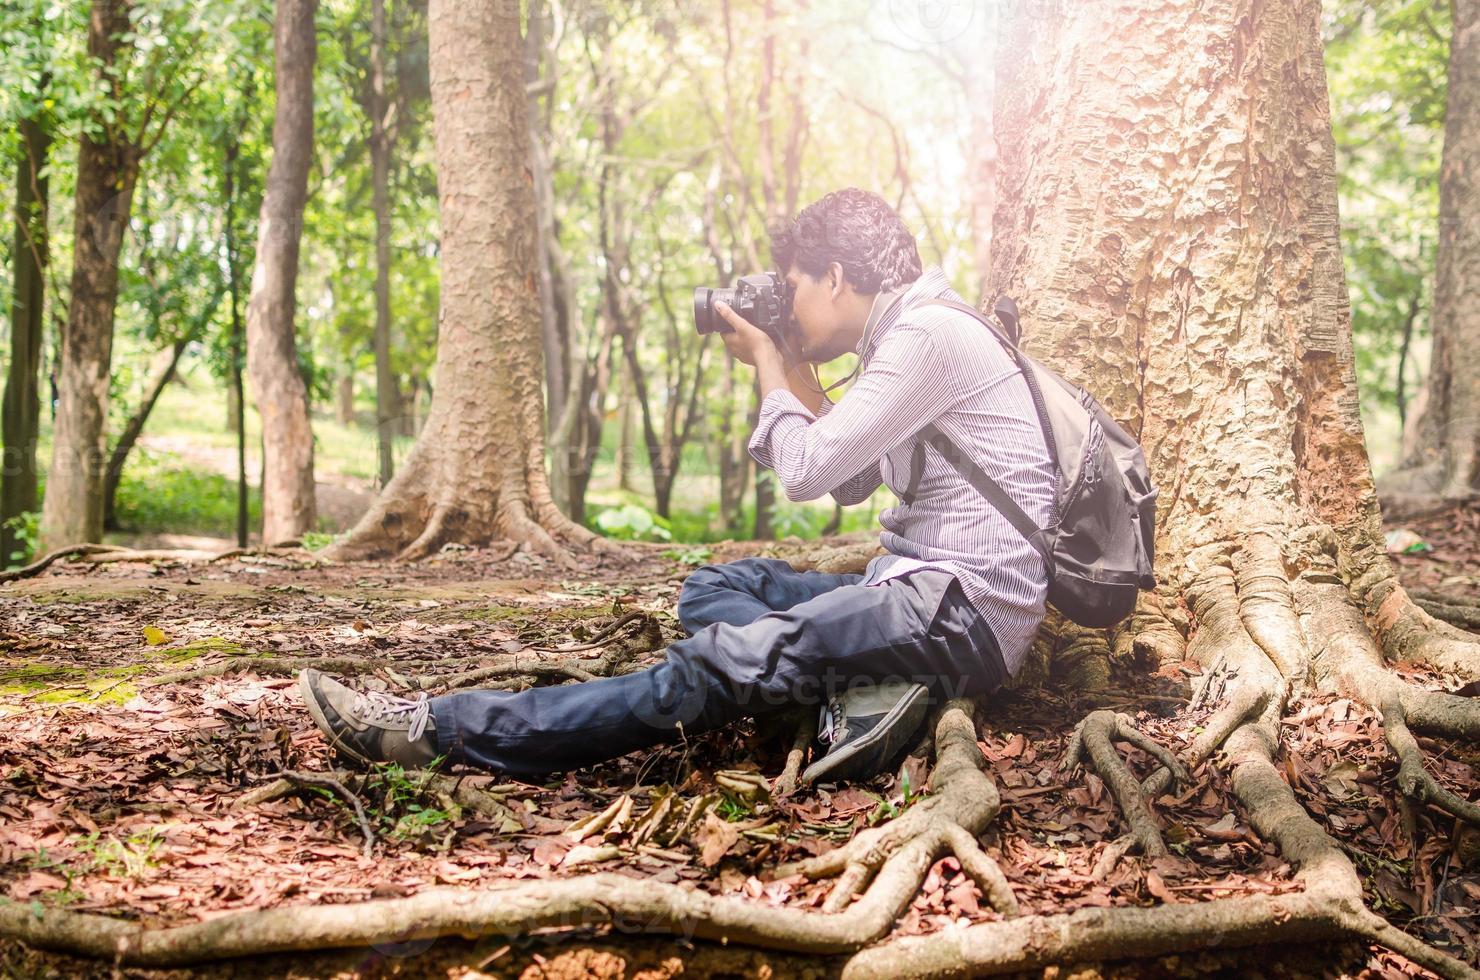 photographe prenant des photos assis sous un grand arbre